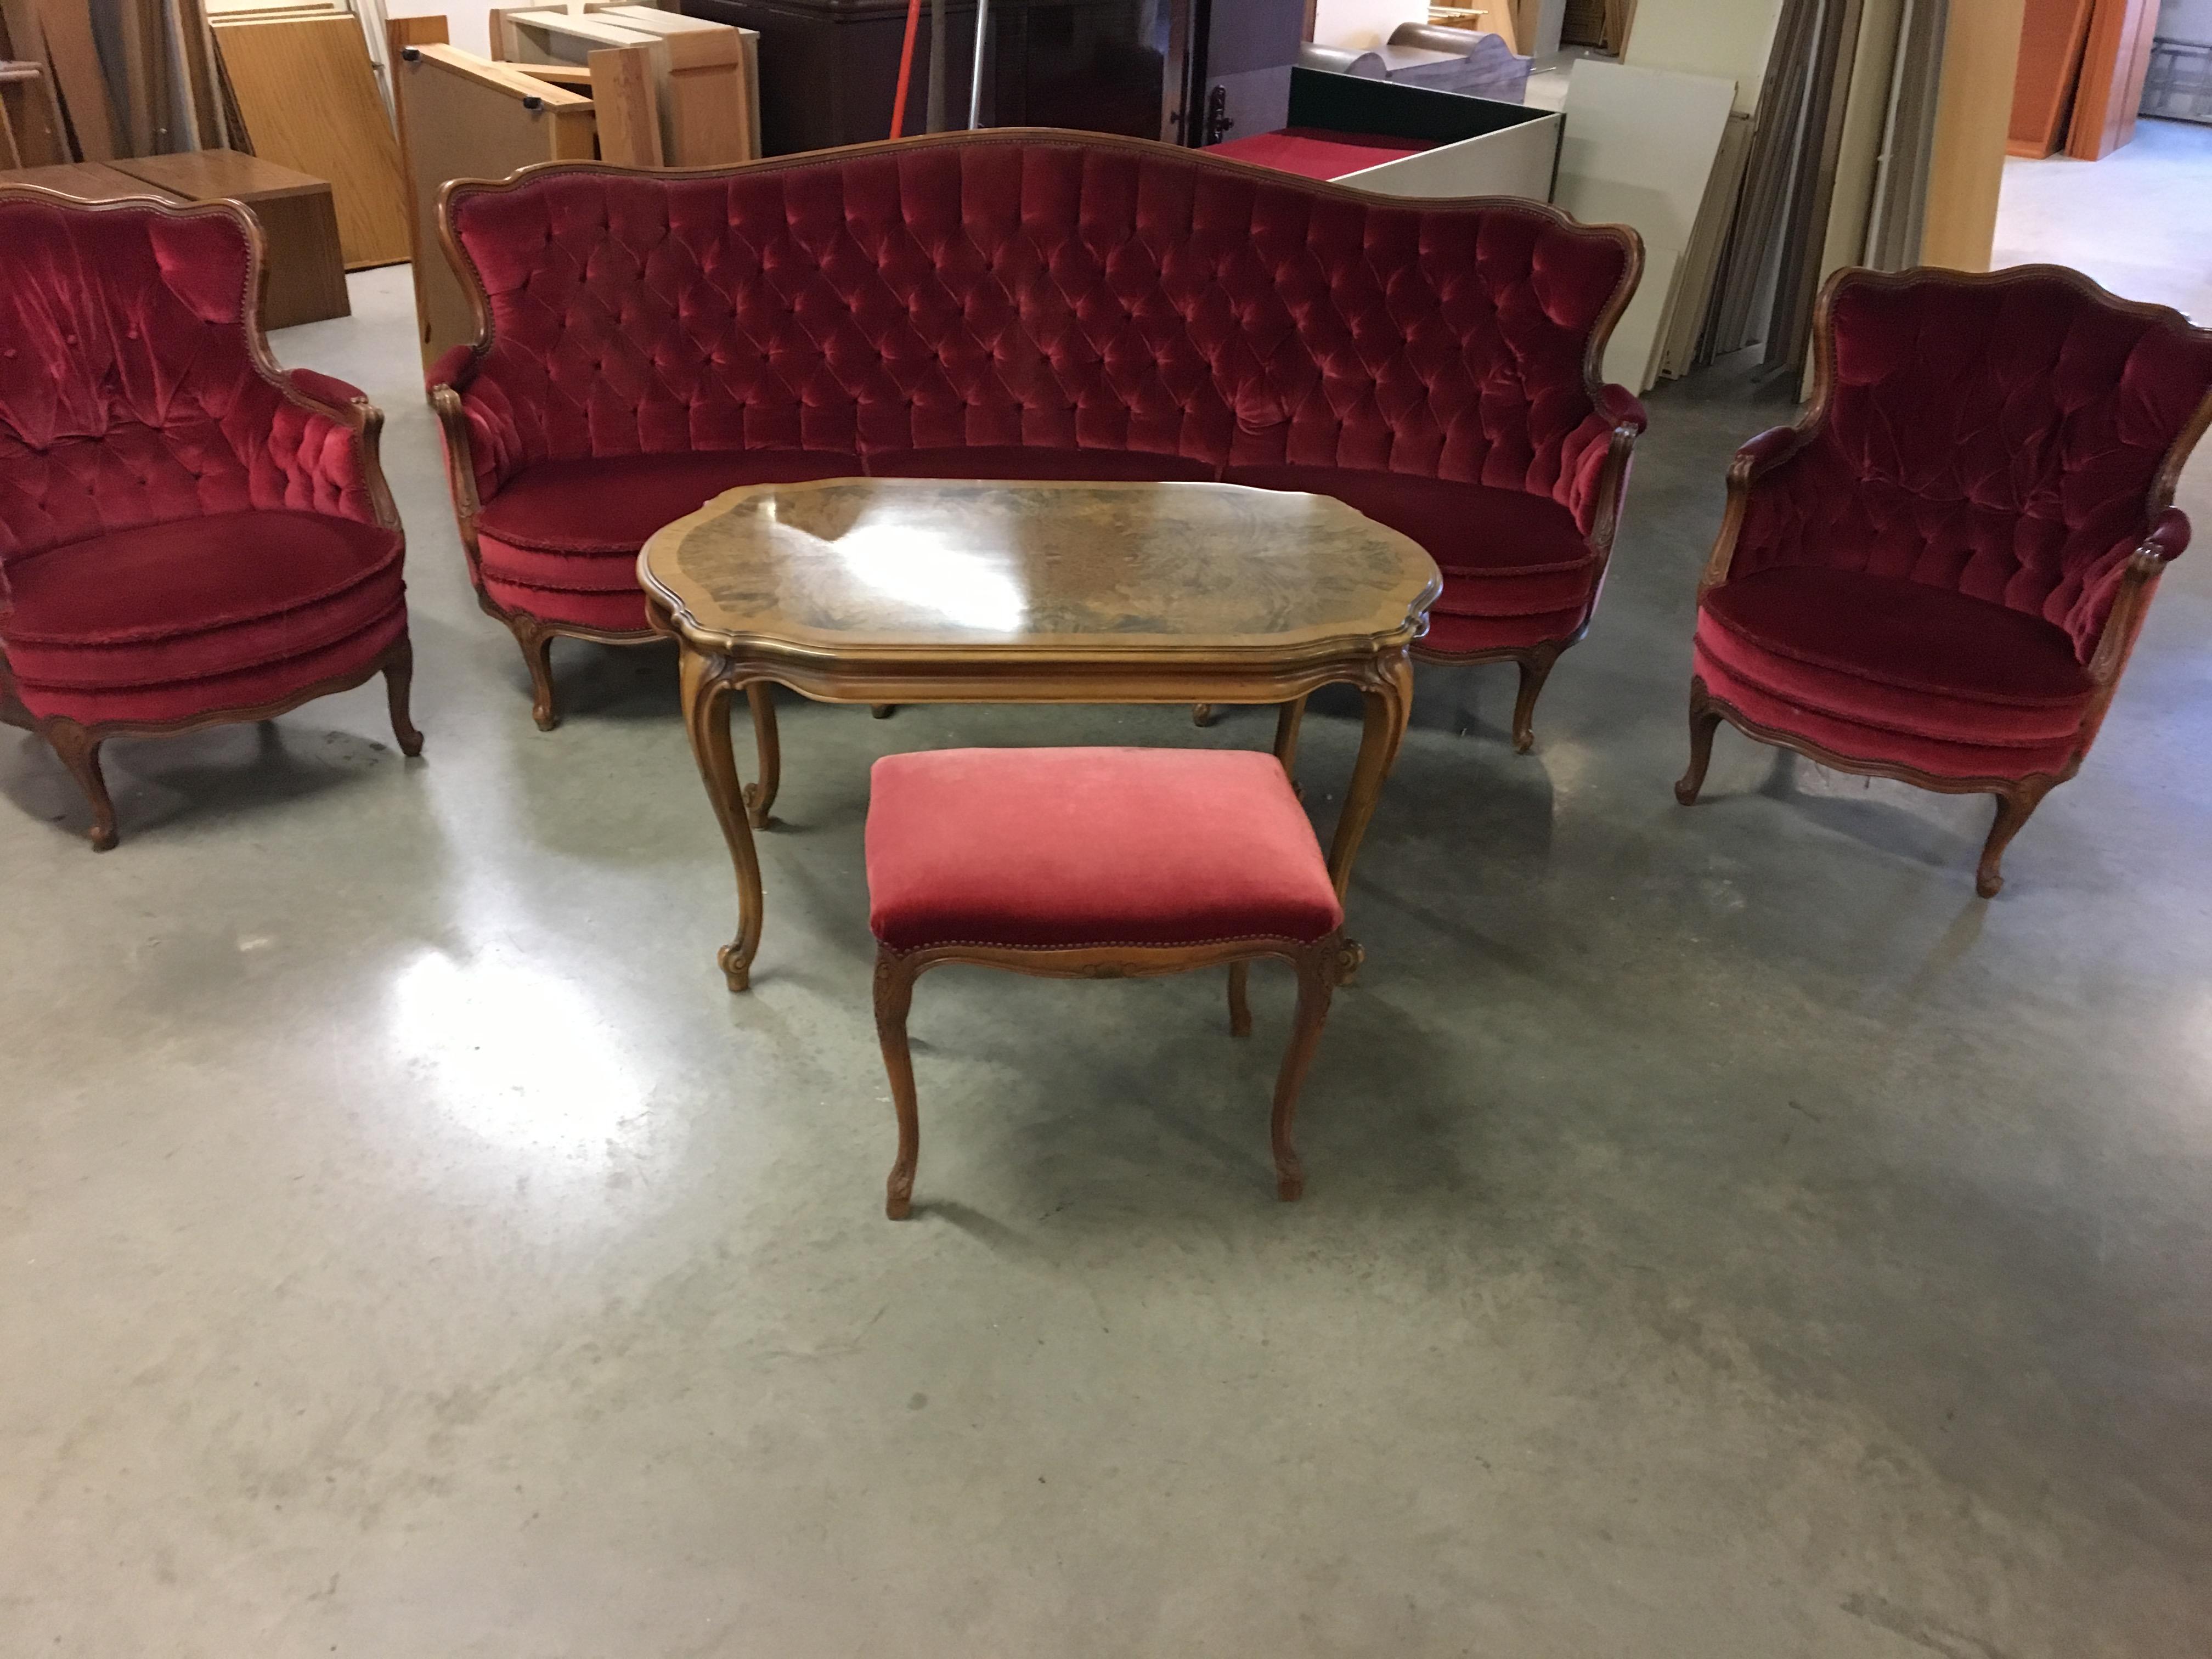 Gebrauchte Möbel Koblenz günstig kaufen | MAGAZIN Halsenbach